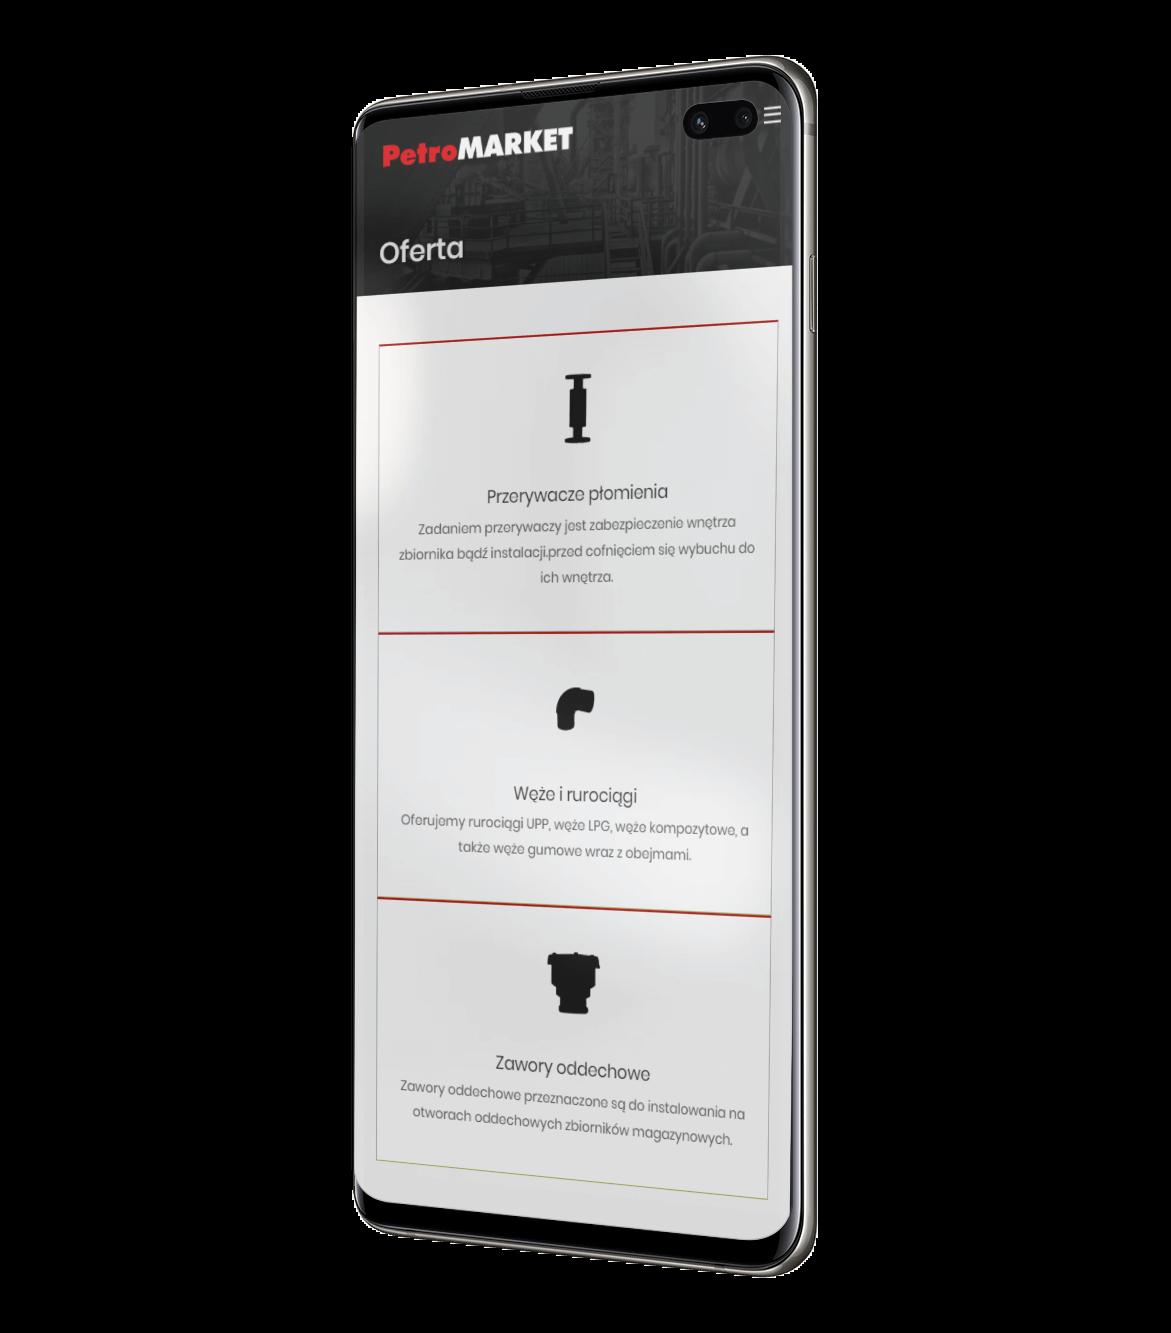 Petromarket - realizacja widok na smartfonie